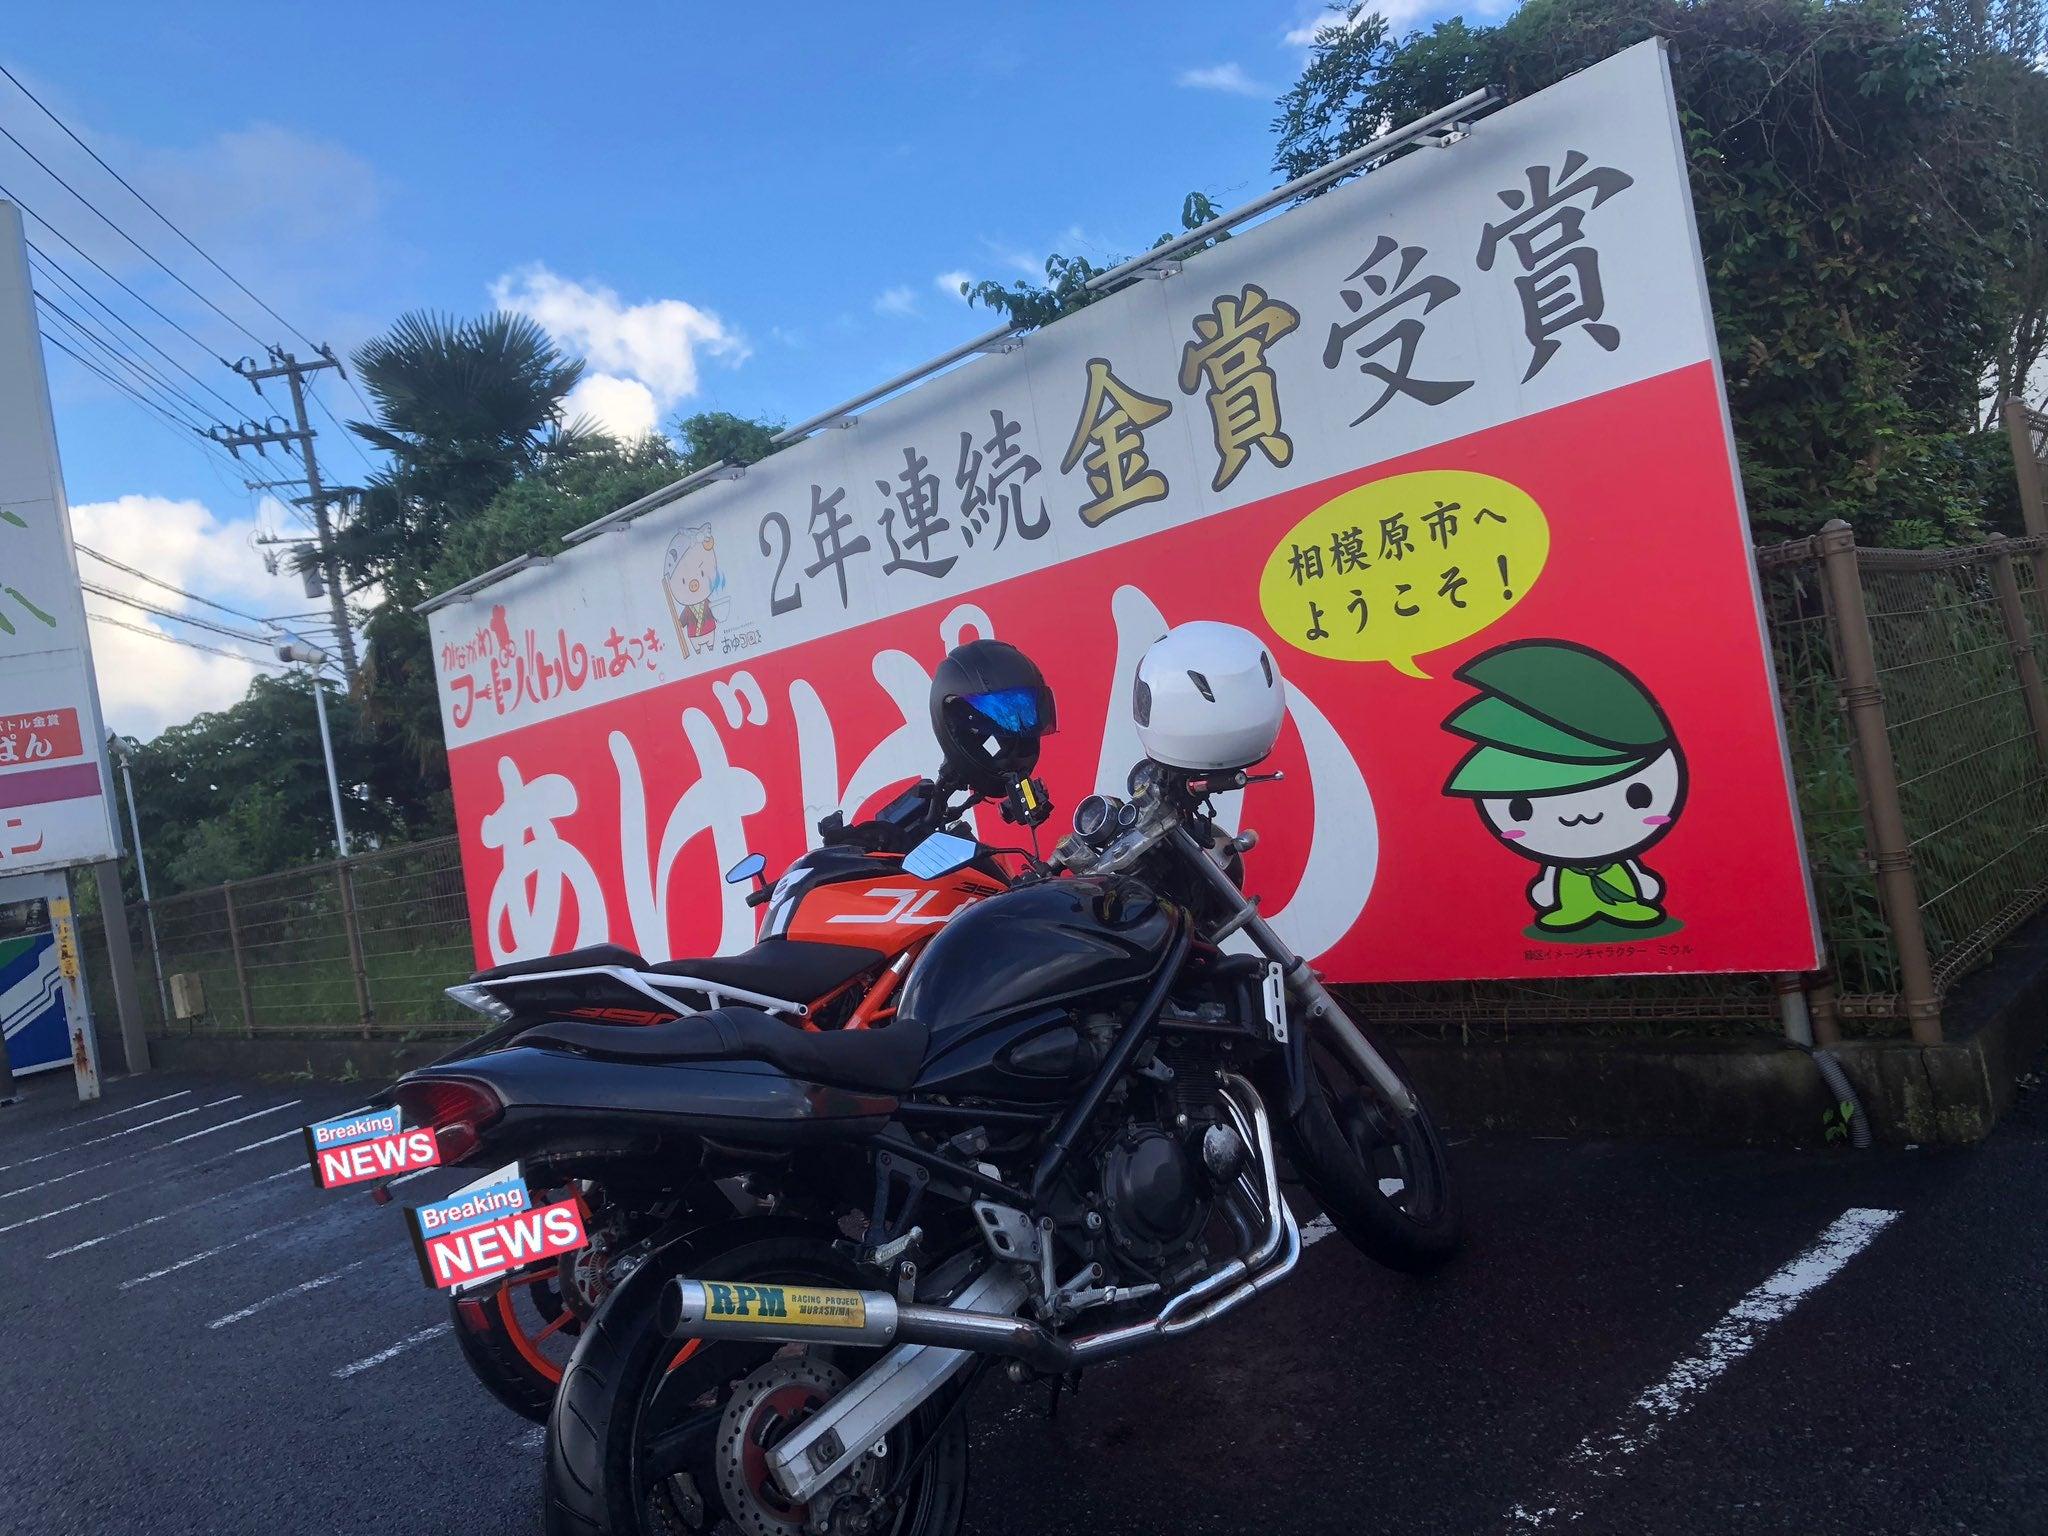 高生 事故 女子 バイク 【注意喚起】バイク免許取得でTwitter「2000いいね」の女子高生16歳 /